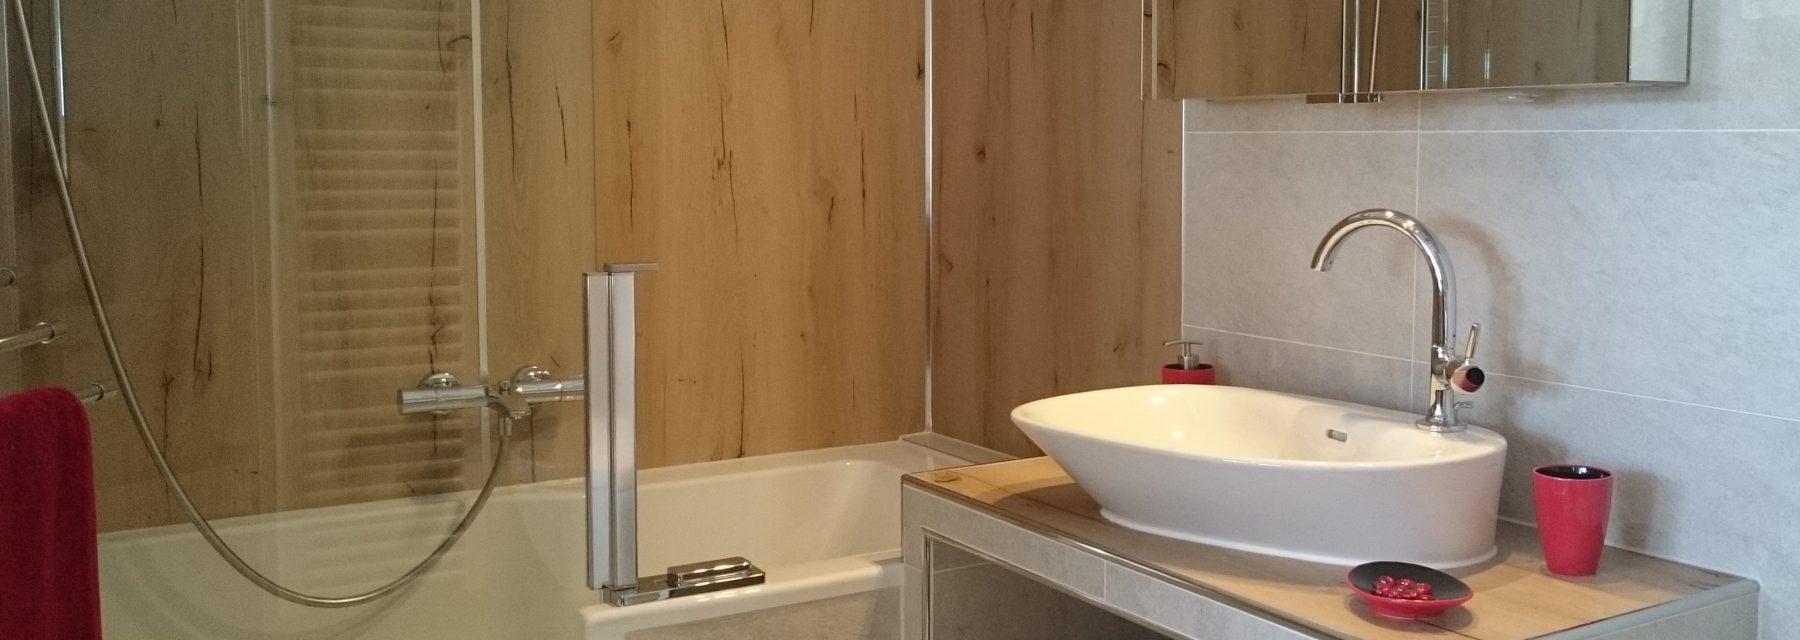 Badgewordene Träume - Bad mit Artweger Twinline, Artwall-Platten, gemauertem Waschtischplatte mit Palomba Aufsatzbecken